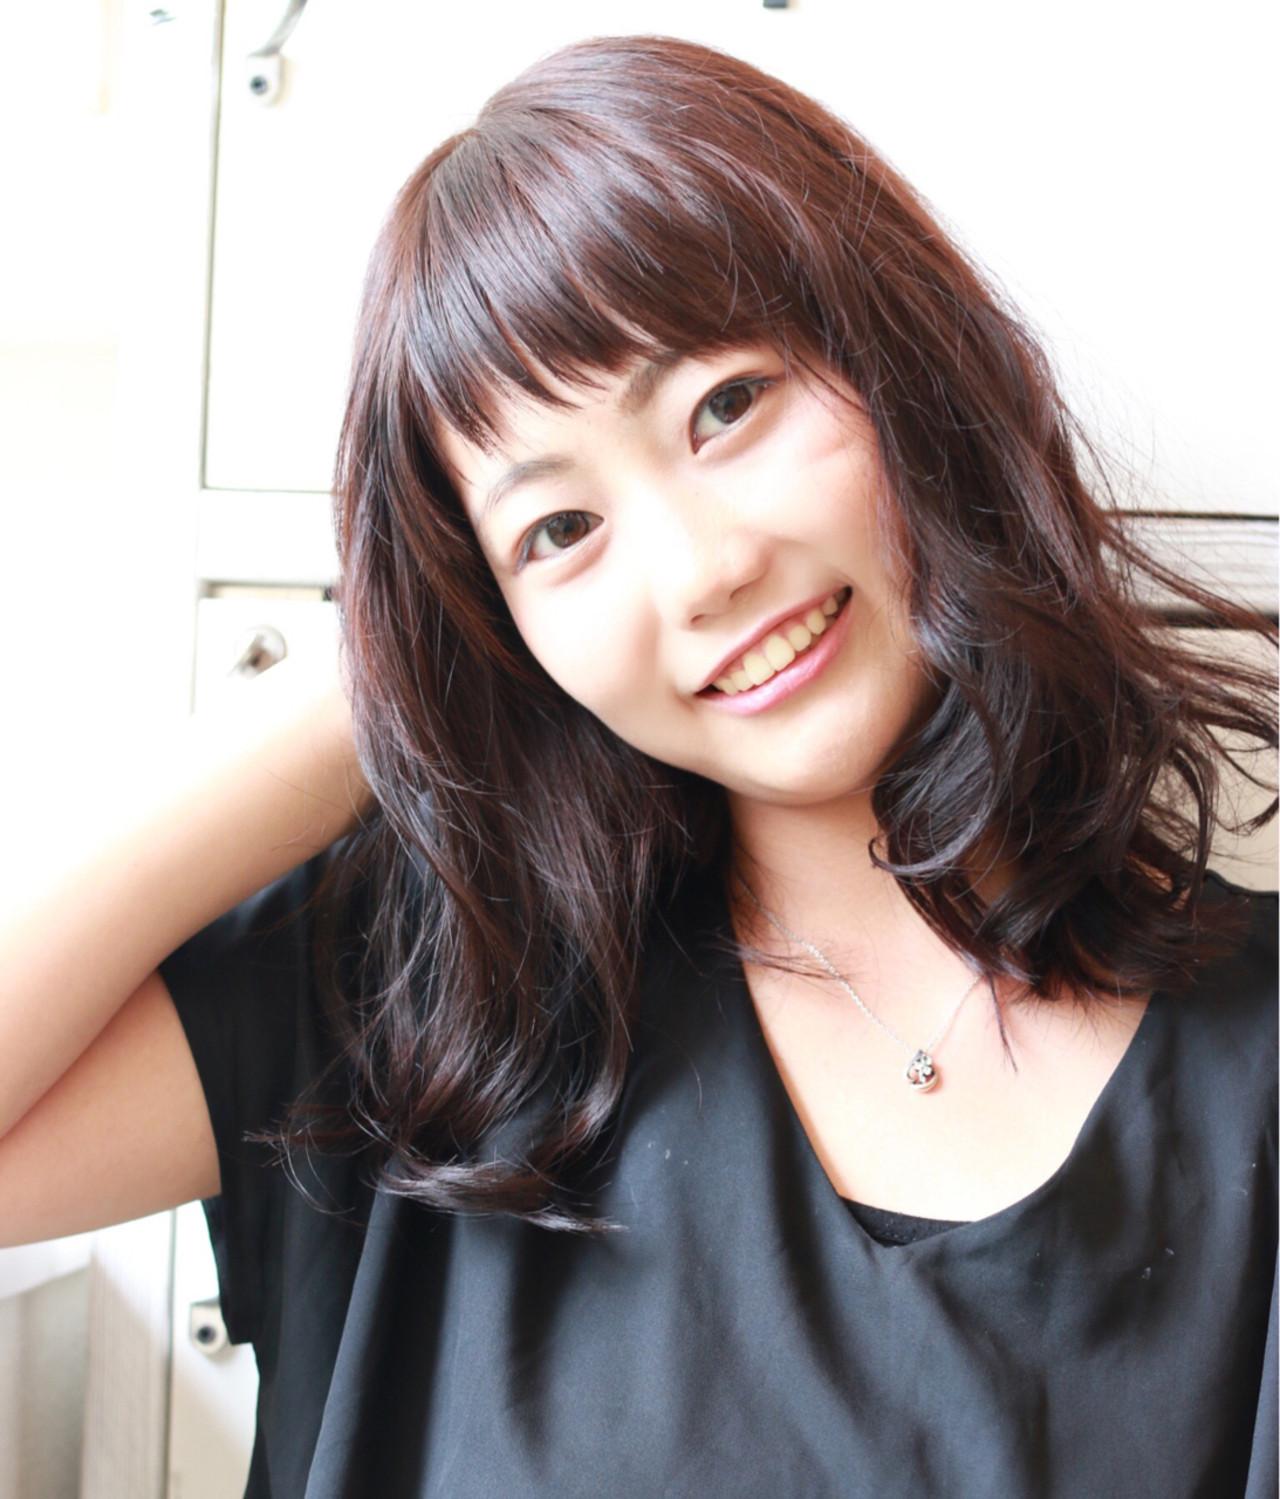 ミディアム×オン眉アシメでフェミニンな印象に♡ 秋山泰子 | AMANEQ by THISCOVER.